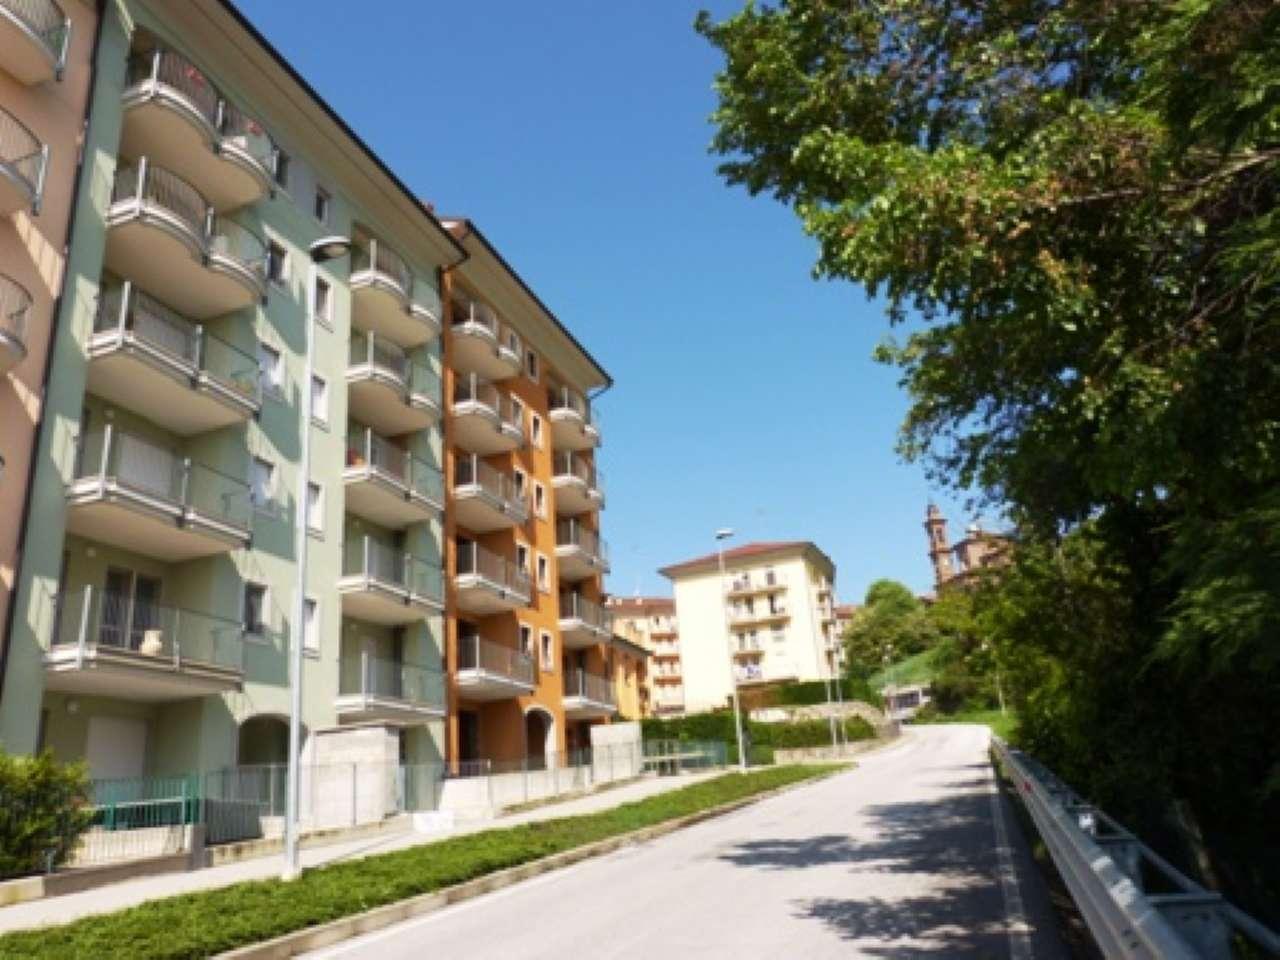 Appartamento in vendita a Fossano, 3 locali, prezzo € 152.000 | CambioCasa.it